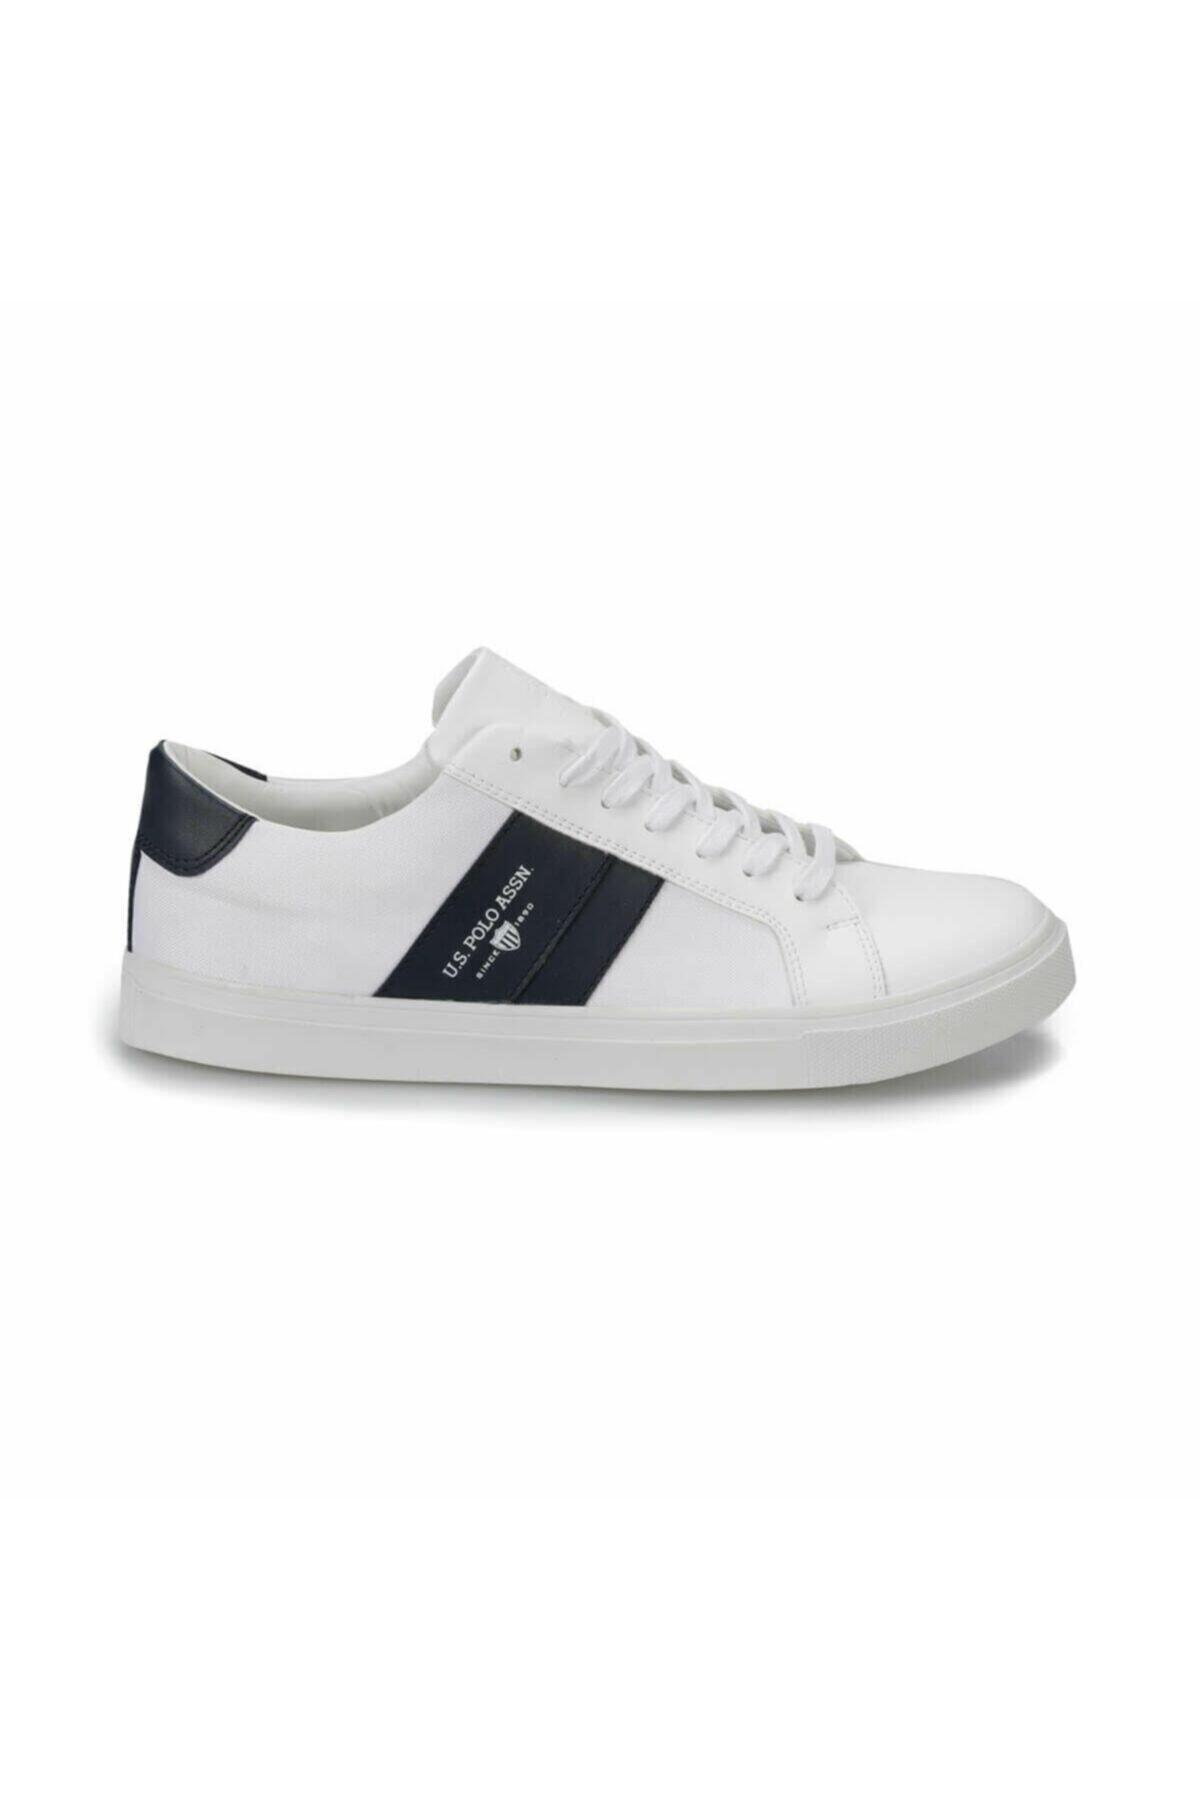 U.S. Polo Assn. Anton Beyaz Erkek Ayakkabı 100357277 1